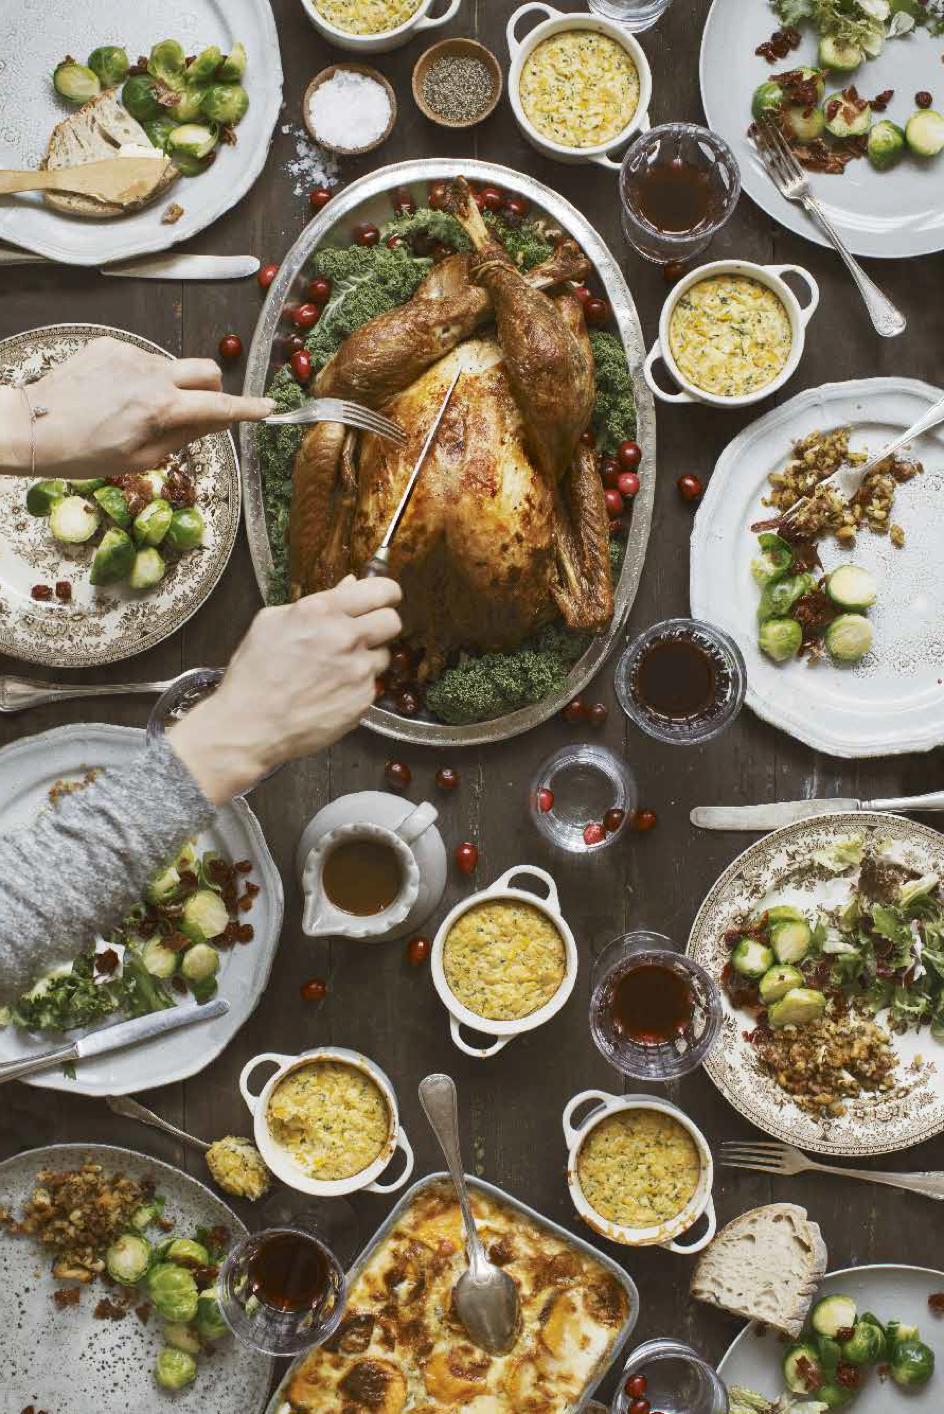 Ett uppdukat bord med heltstekt kalkon och alla andra rätter som serveras till en Thanksgiving middag